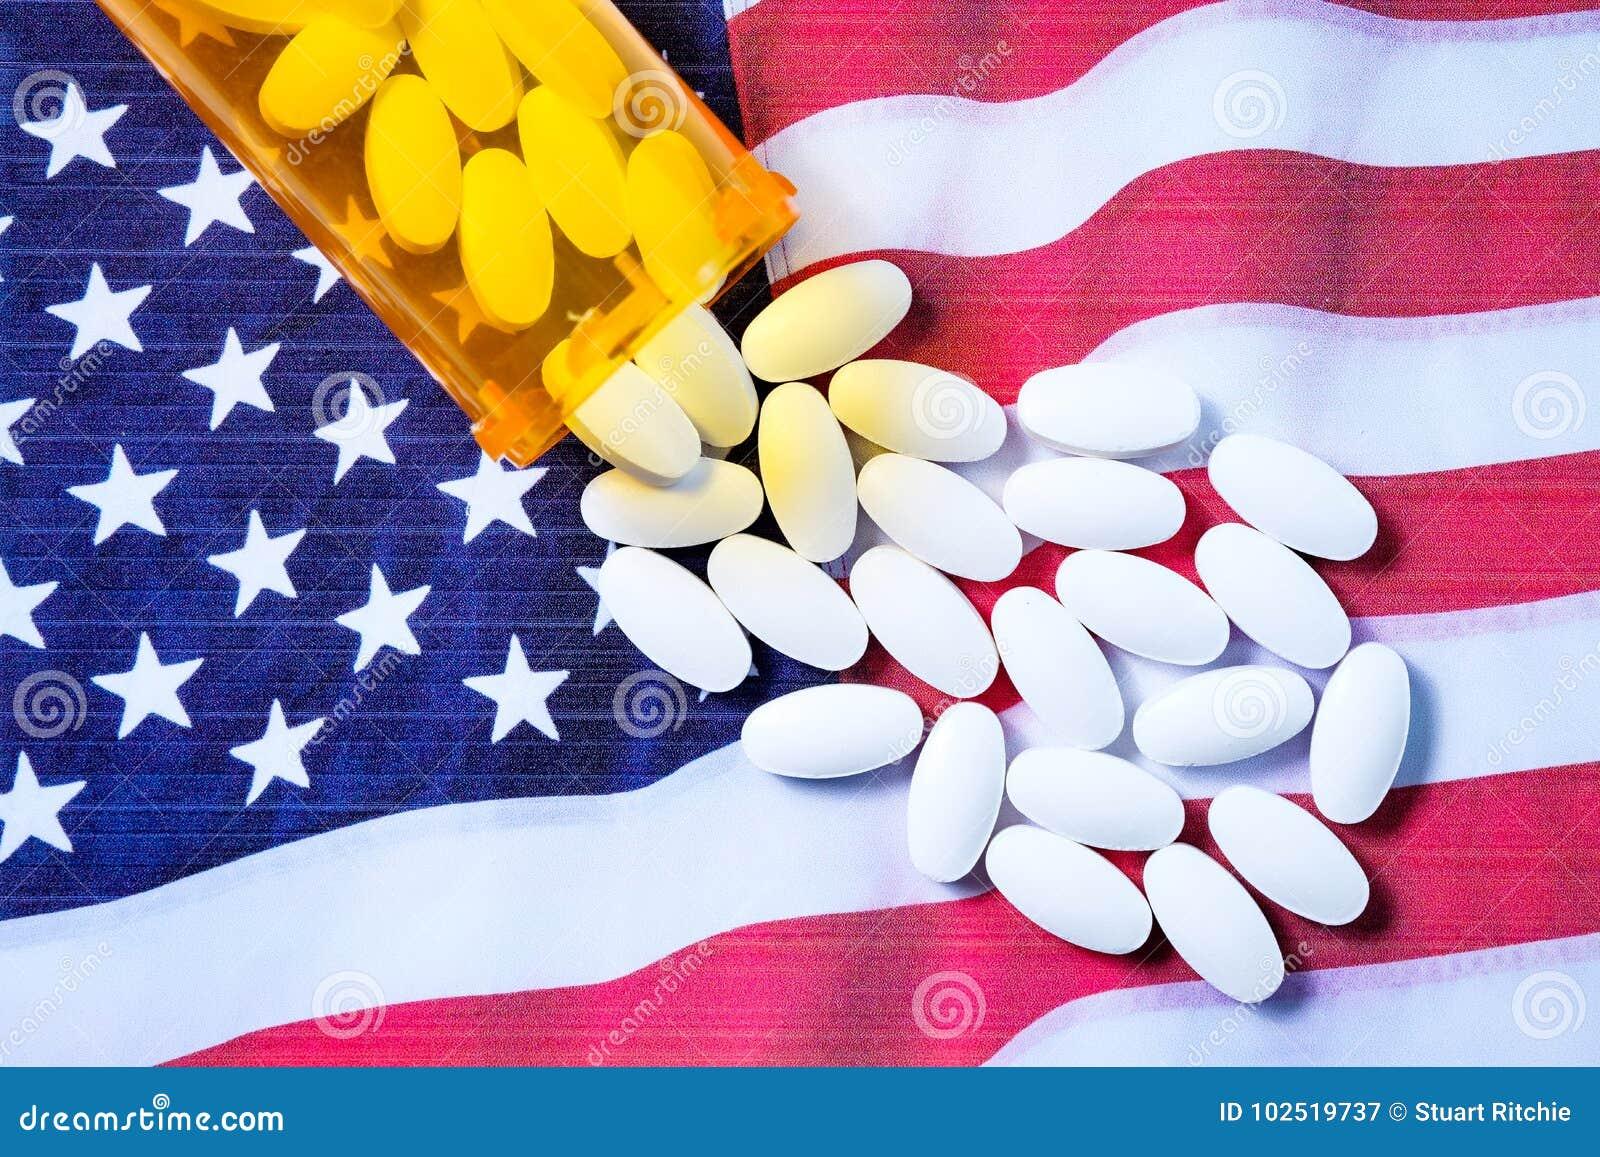 Pilules pharmaceutiques blanches débordant la bouteille de prescription au-dessus du drapeau américain